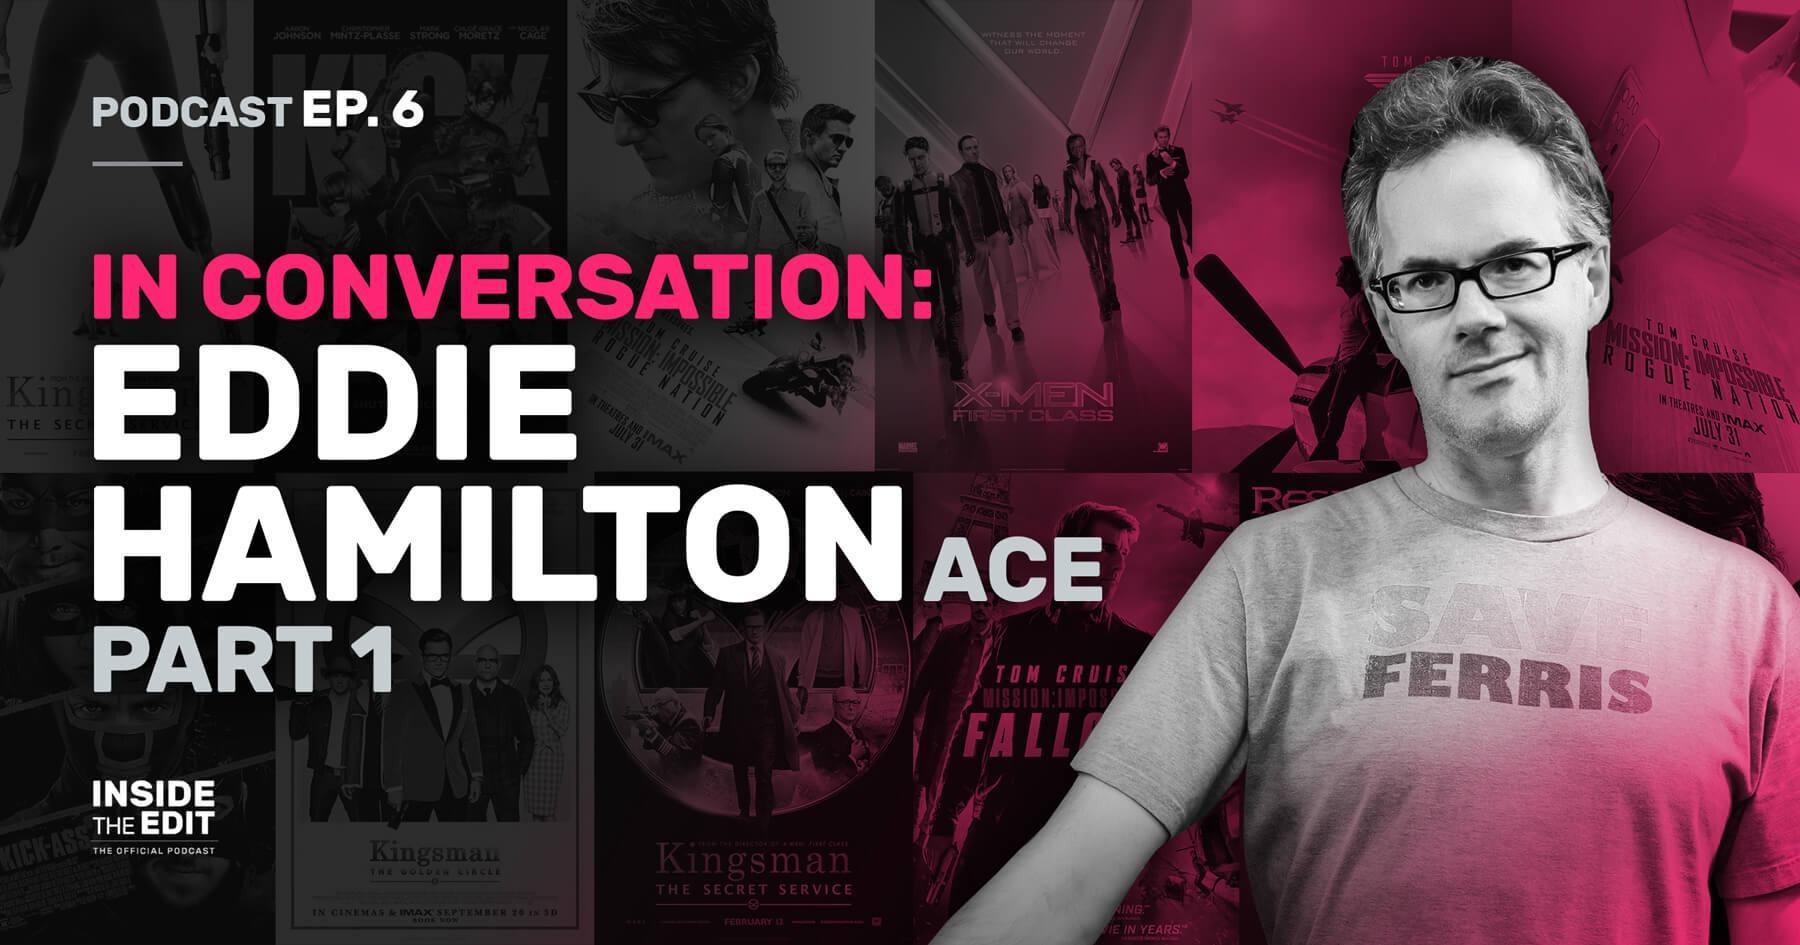 In Conversation: Eddie Hamilton PART 1